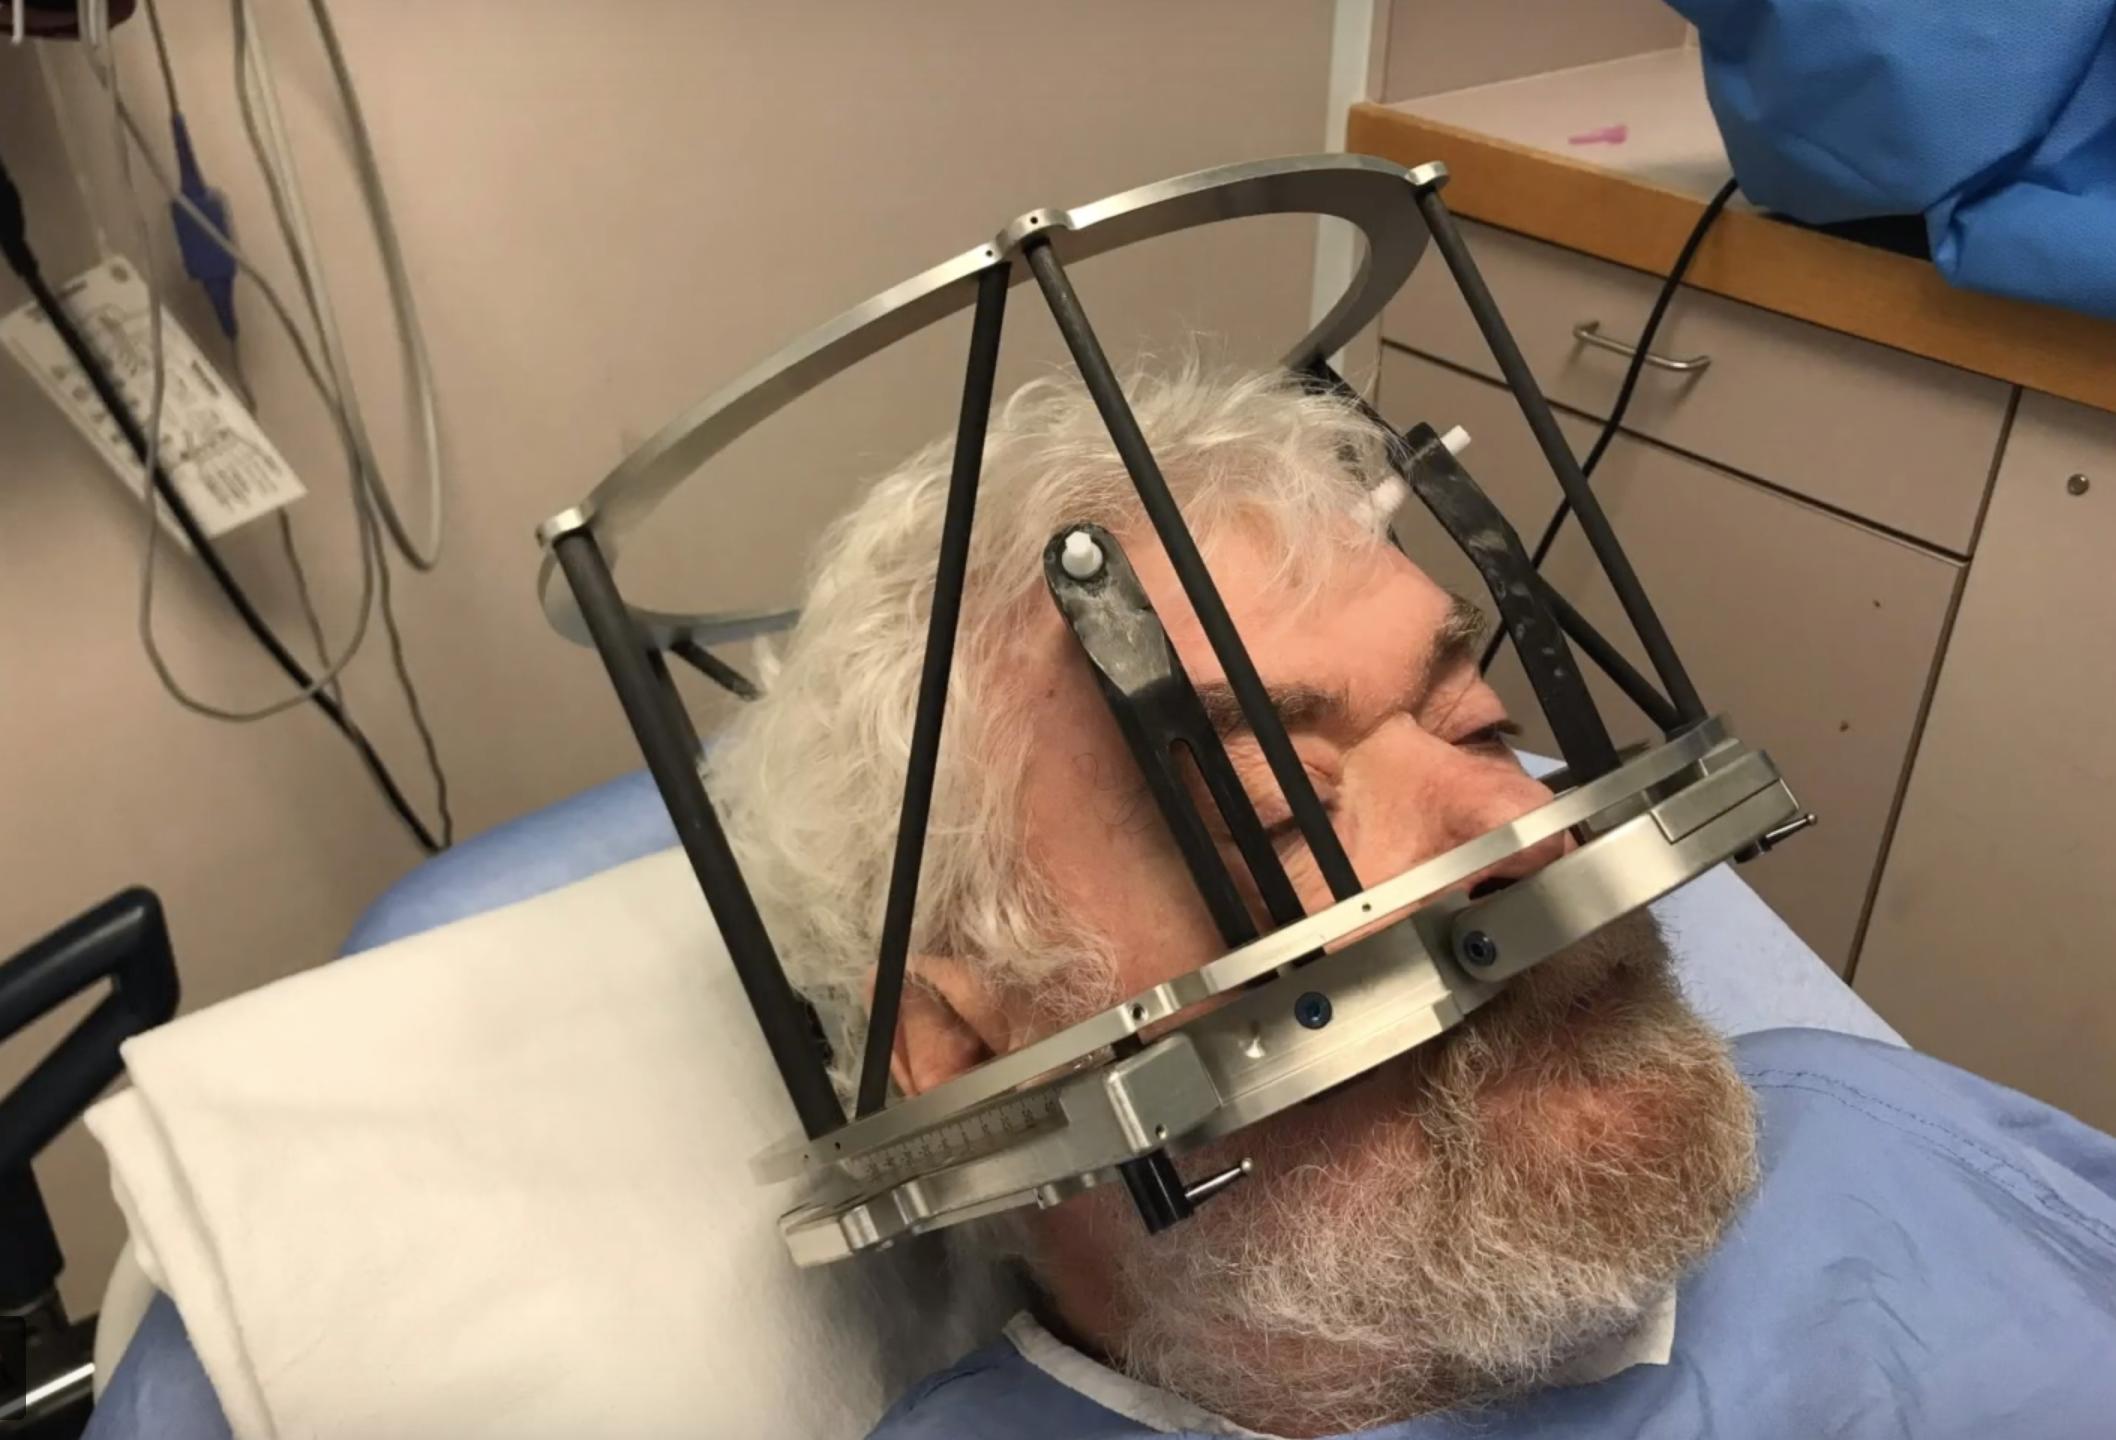 Un implante cerebral podría combatir tu alcoholismo (y están buscando voluntarios)